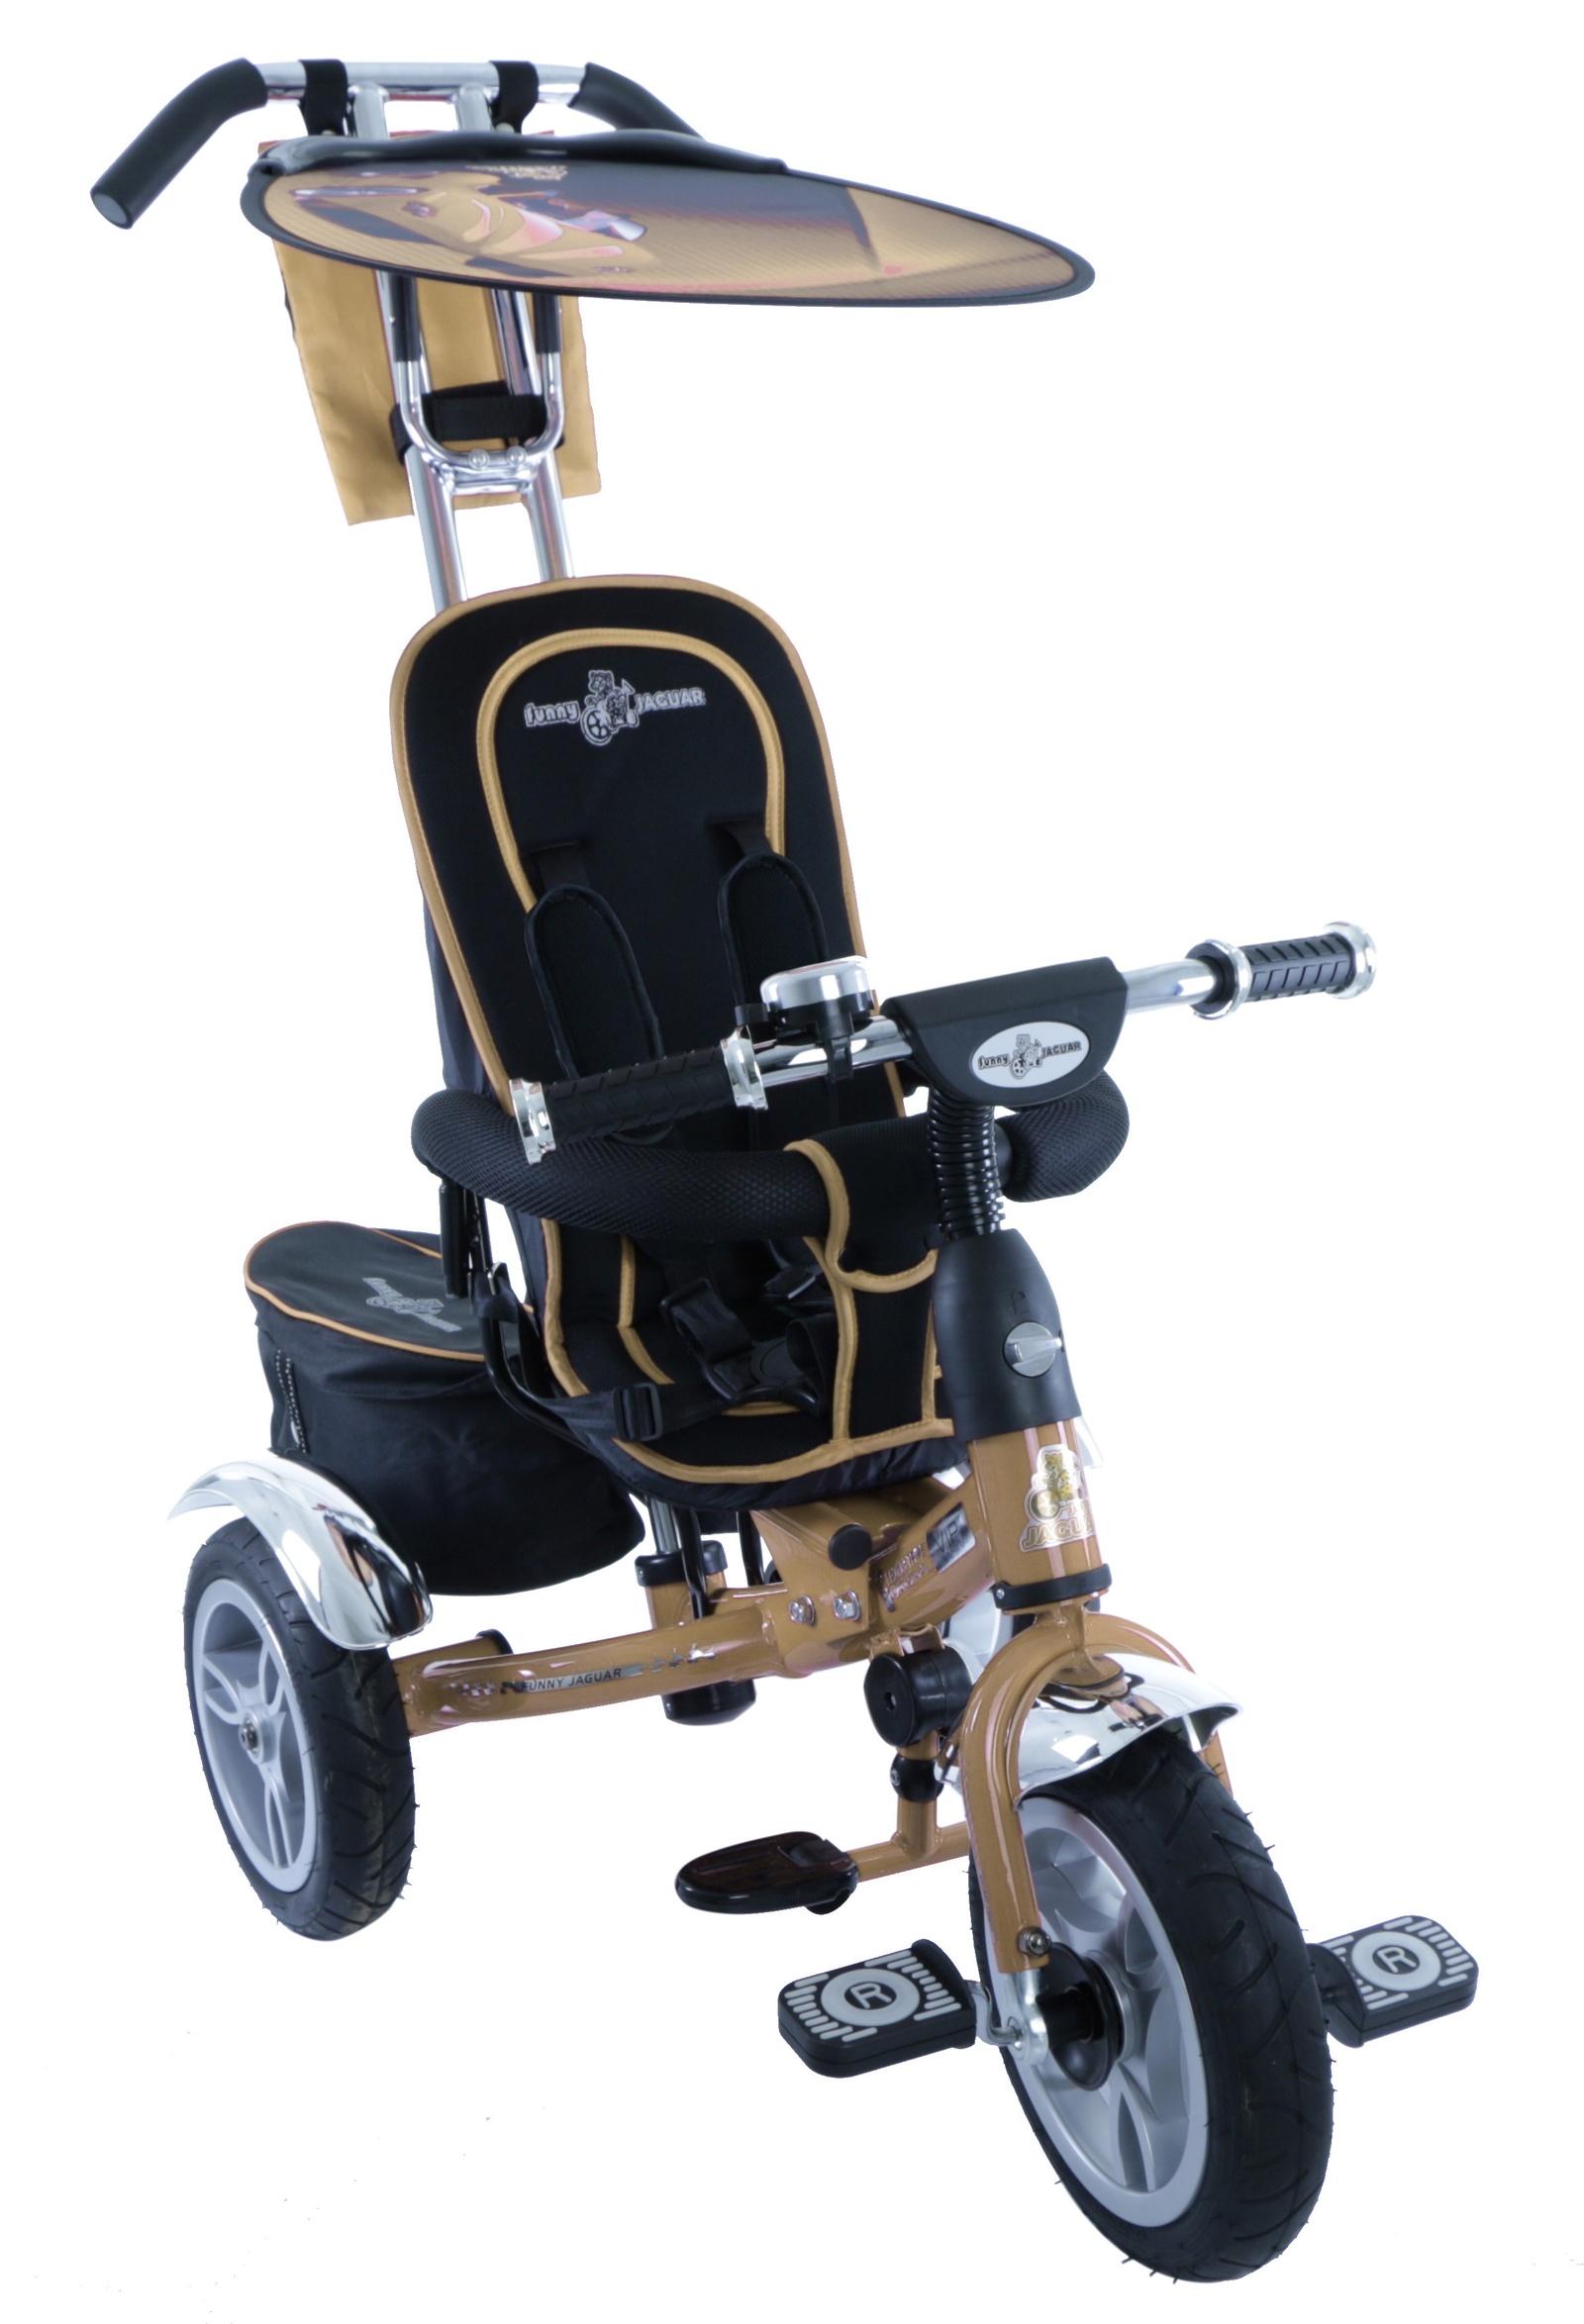 Велосипед Lexus Trike MS-0561, светло-бежевыйMS-0561сахараТрехколесный велосипед с надувными колесами Lexus Trike Original Vip! Колеса выполнены с красивыми дисками и дополнены хромированными крыльями. Родители могут управлять велосипедом с помощью специальной ручки. Она надежная, удобная. Переднее колесо может вращаться без педалей. Функция «свободный руль», также позволяет поворачивать руль во все стороны, и в тоже время не мешать управлению. Lexus Trike Original Vip имеет большое сиденье, с высокой спинкой, которое дополнено мягким чехлом. Элемент безопасности – пяти-точечные ремни с мягкими накладками. За сиденьем велосипеда расположено багажное отделения.